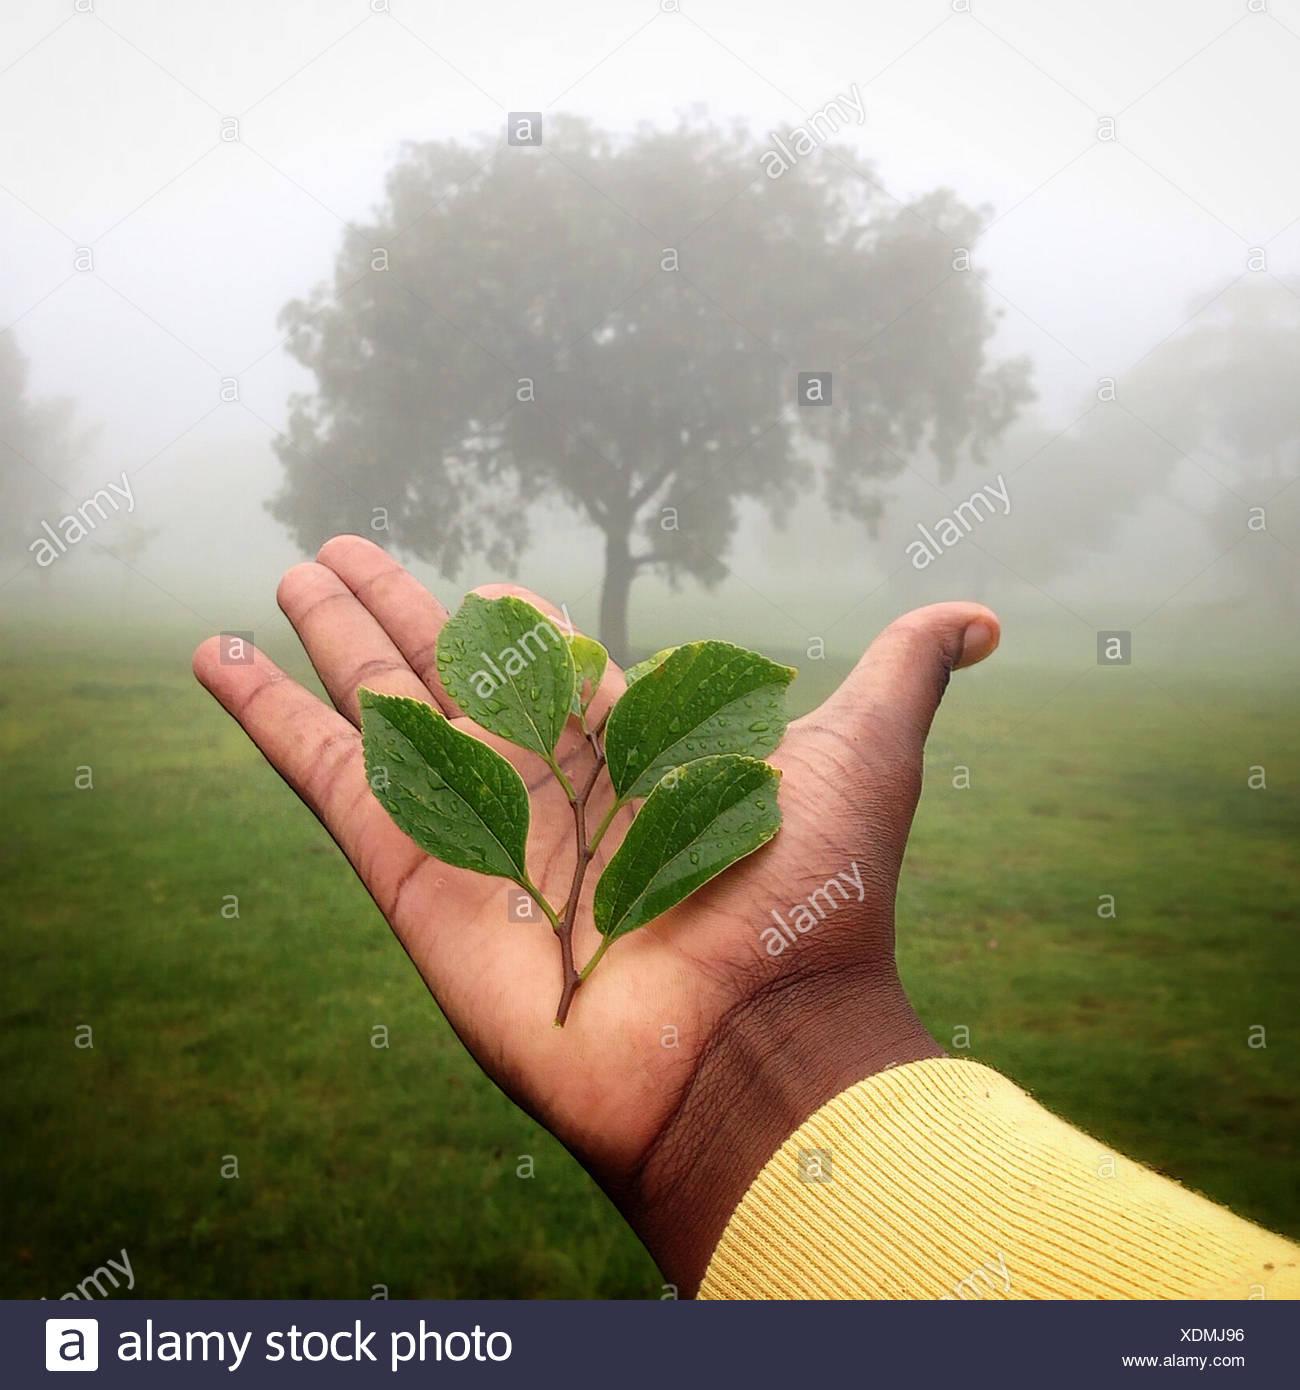 Menschliche Hand, die Pflanze mit Baum im Hintergrund, Gauteng, Johannesburg, Südafrika Stockfoto